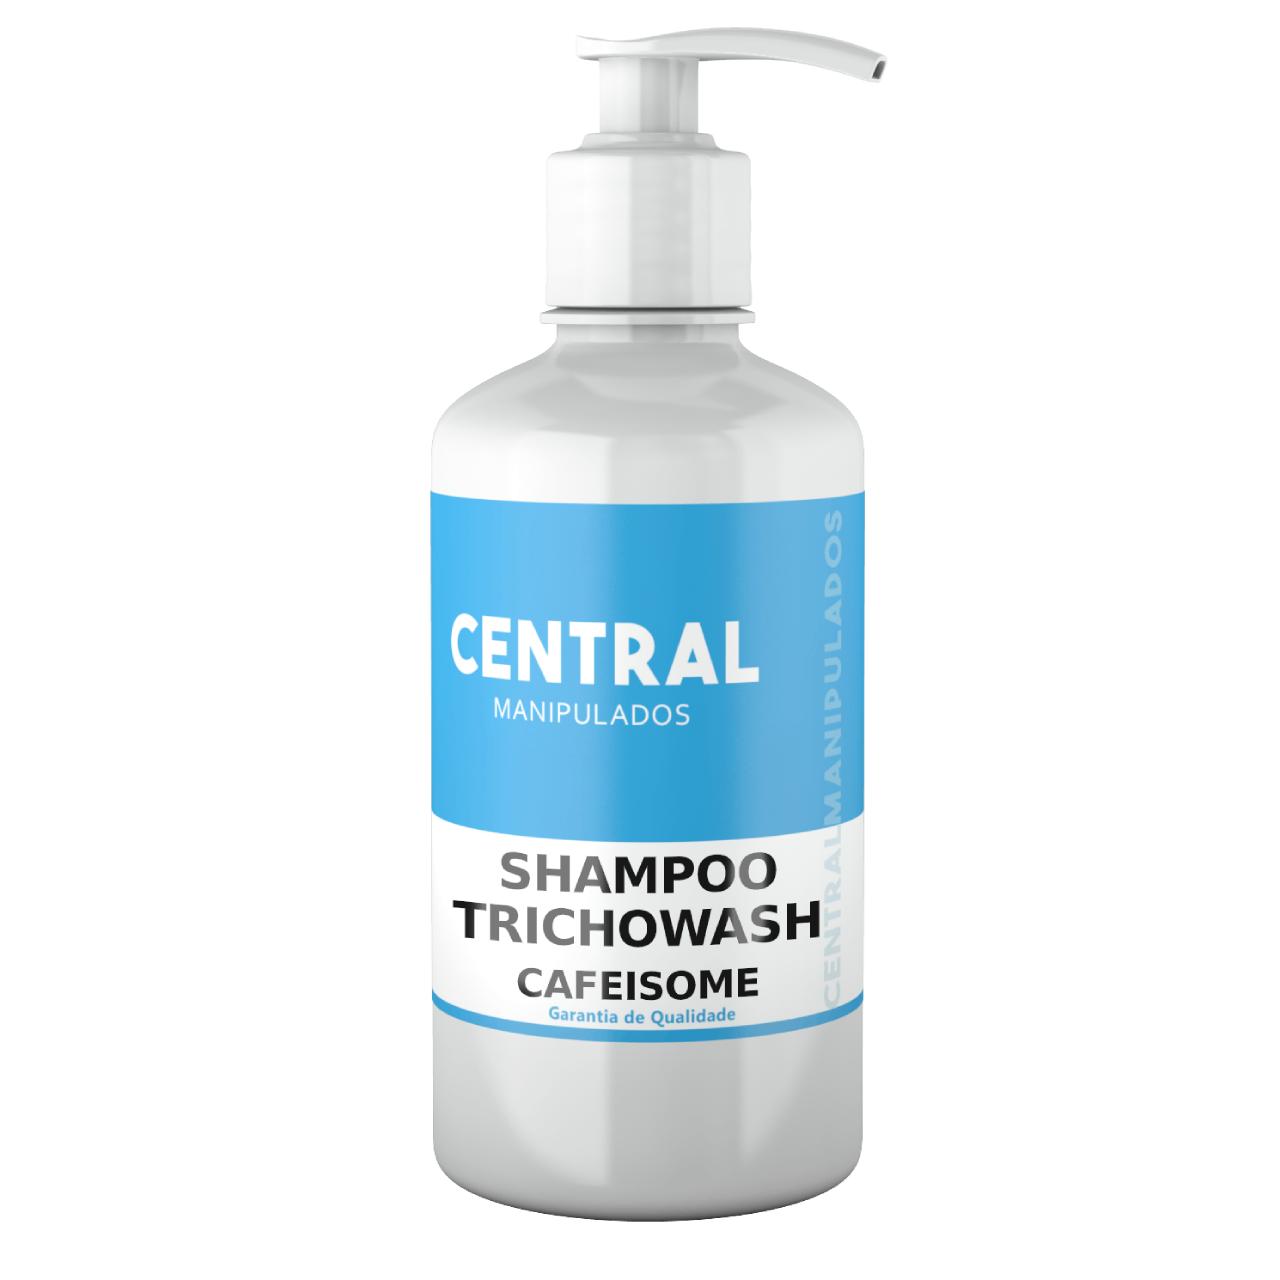 TrichoWash Shampoo com Cafeina 2% (CafeiSome) - 200ml - Tecnologia TrichoConcept da Fragon